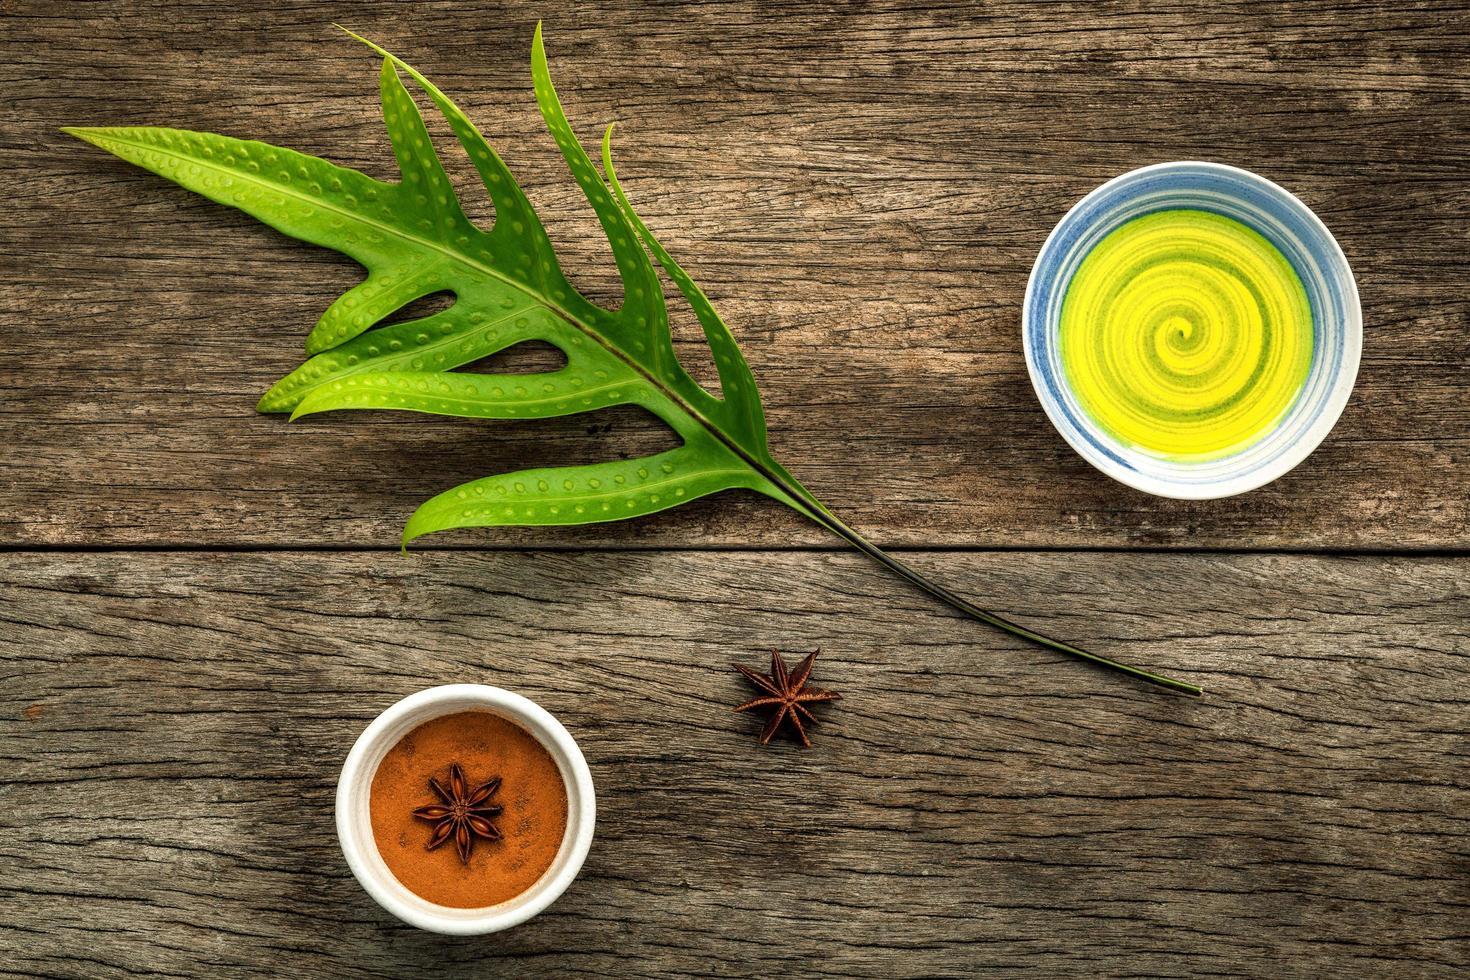 hojas verdes y con aceite aromático y anís estrellado sobre un fondo rústico foto